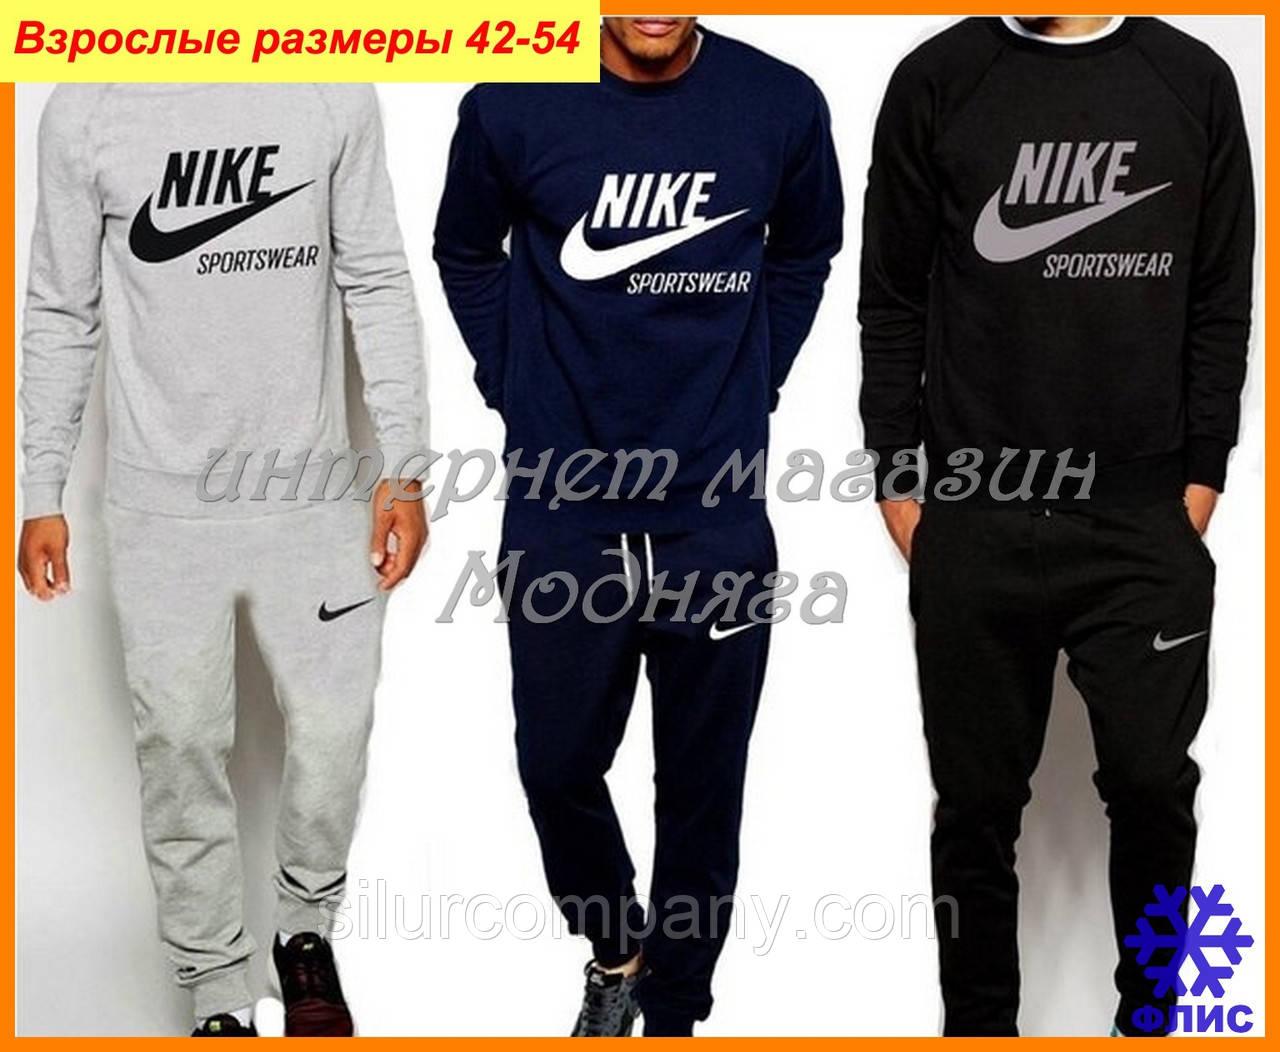 Теплые спортивные костюмы Nike толстовка и штаны - Интернет магазин